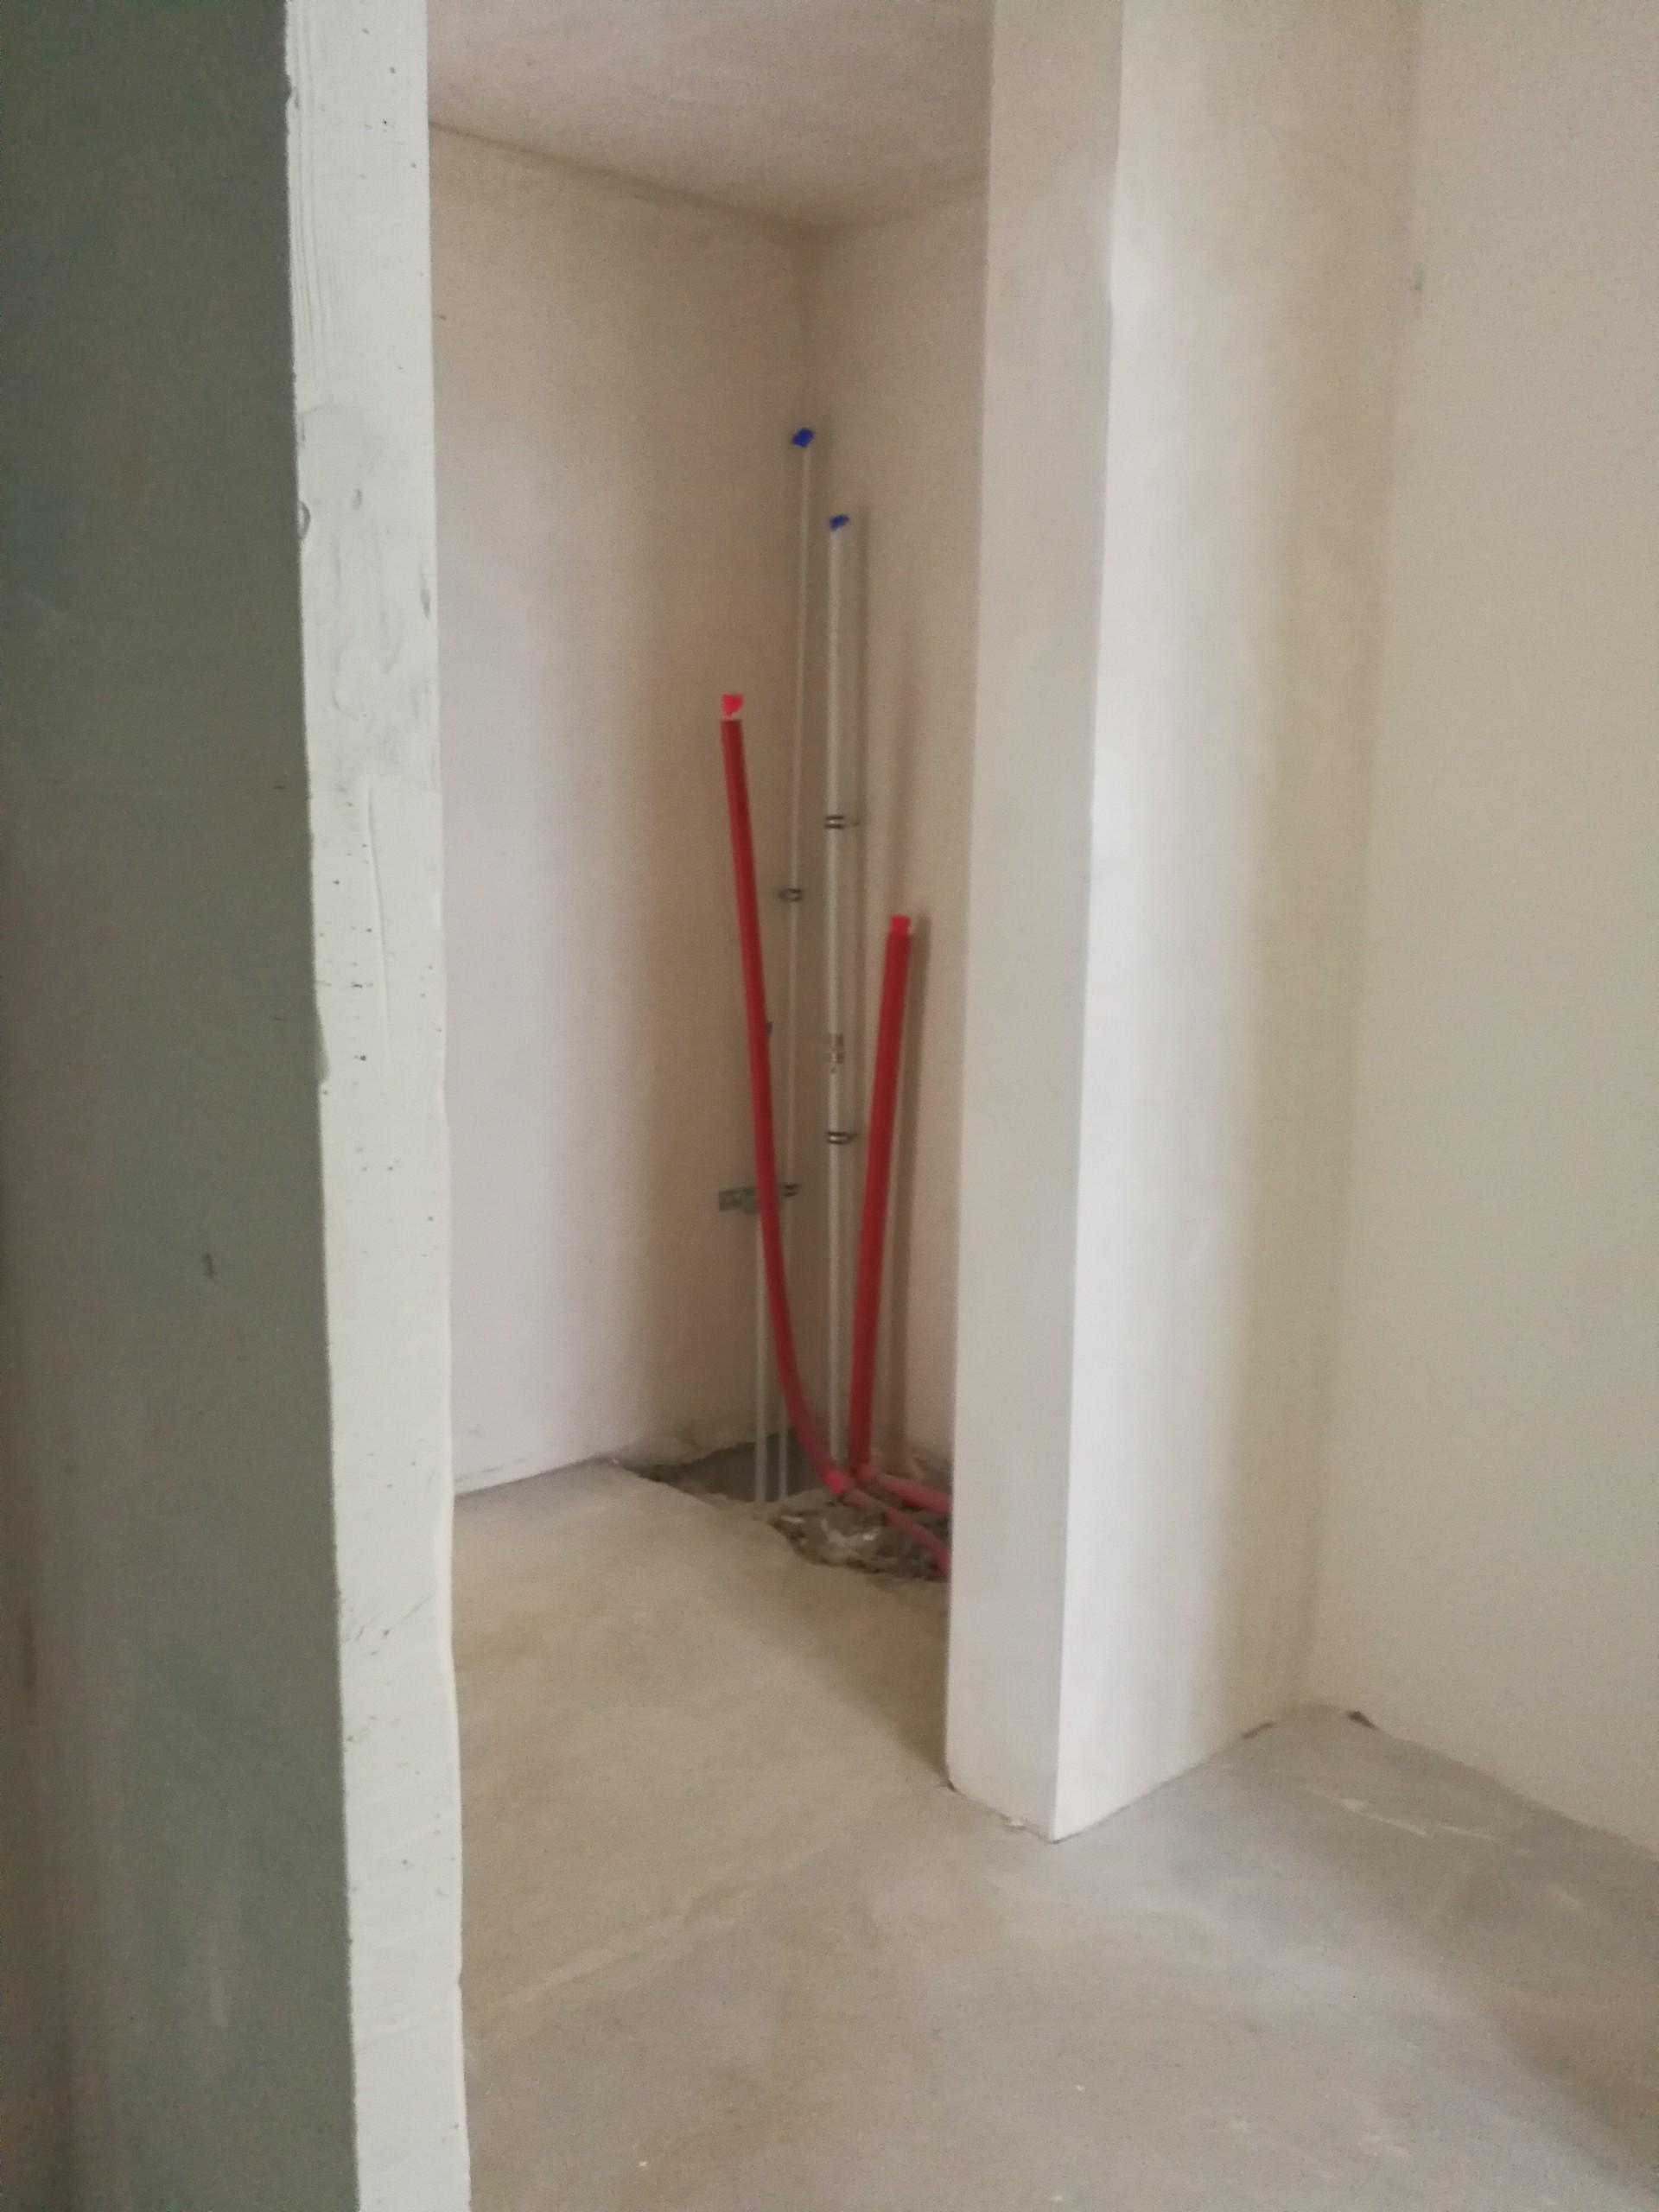 https://ddprojekt.pl/wp-content/uploads/2020/03/pion-w-korytarzu-tam-gdzie-ma-byc-szafa-bedzie-zabudowany.jpg